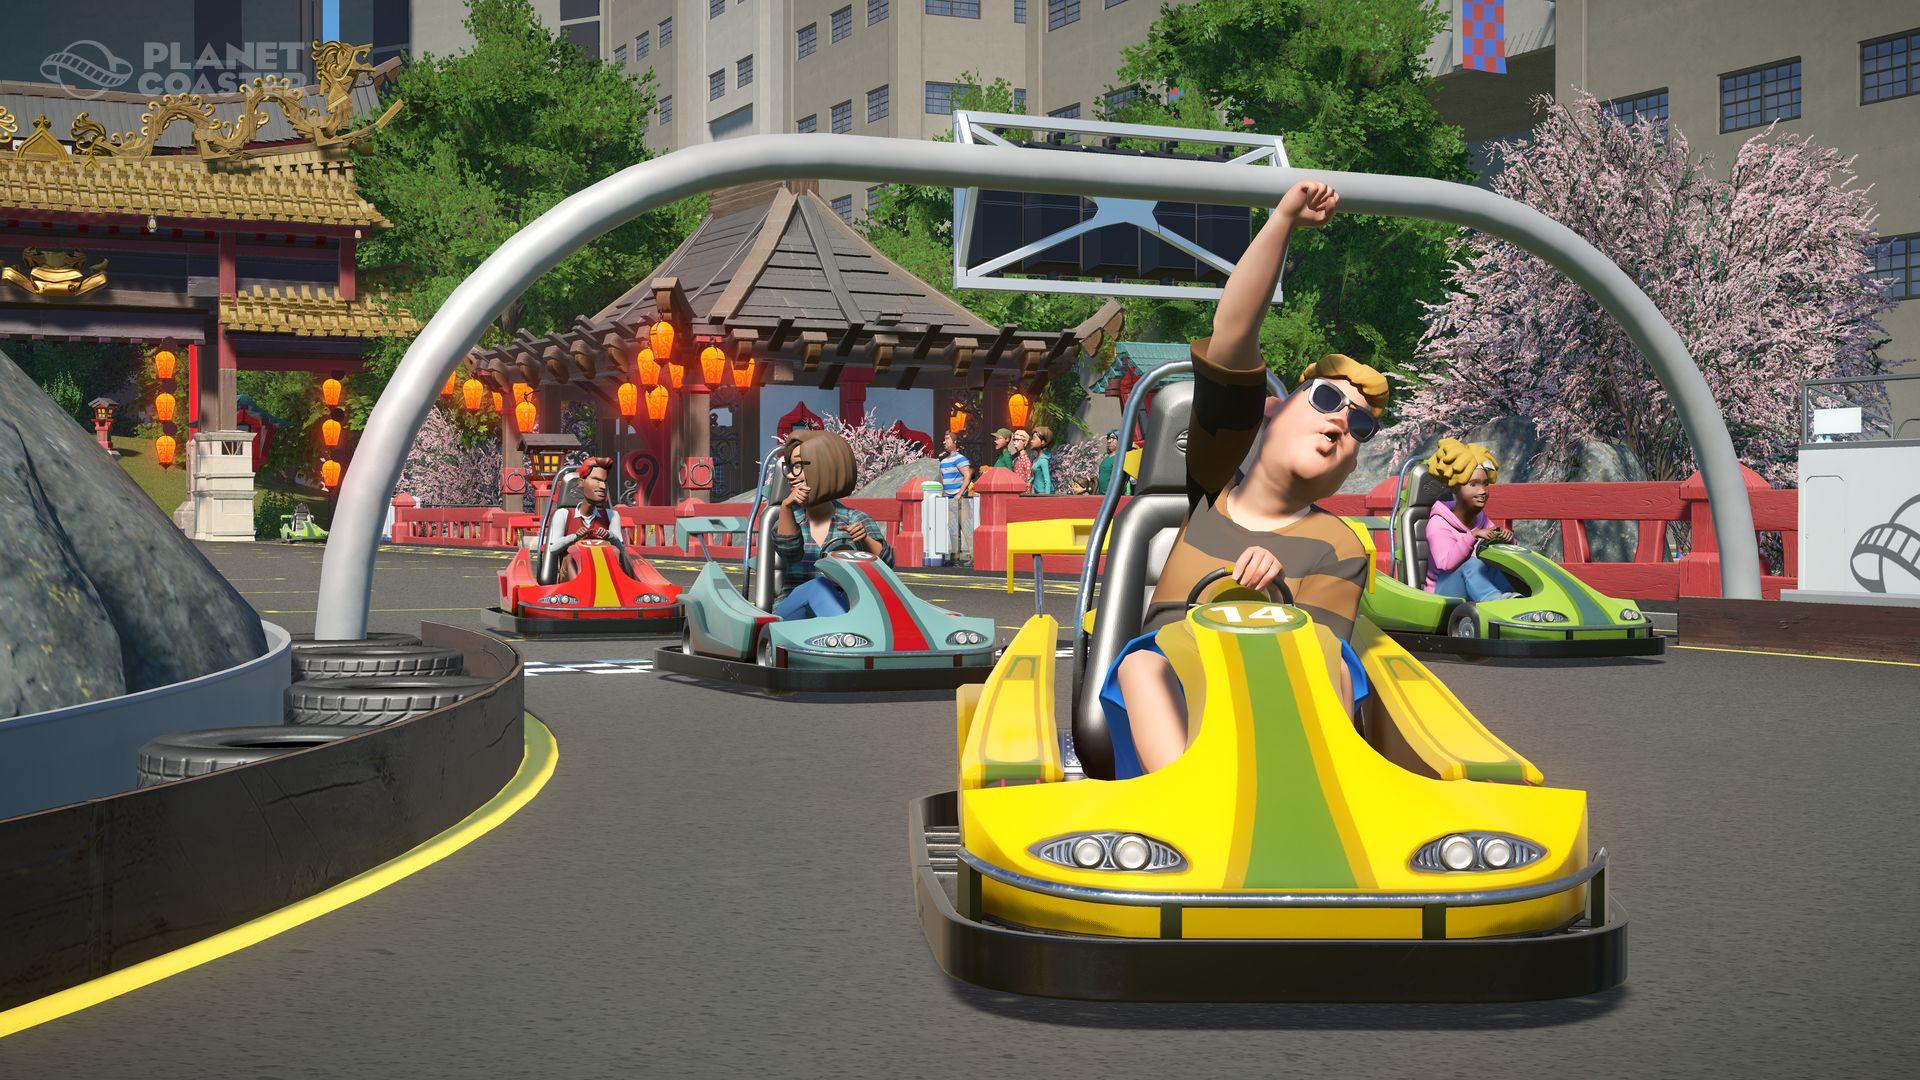 过山车之星-全DLC豪华完全版-V1.13.2.69904-(官中+数字艺术集+原声音乐+额外蓝图)-百度云盘插图3